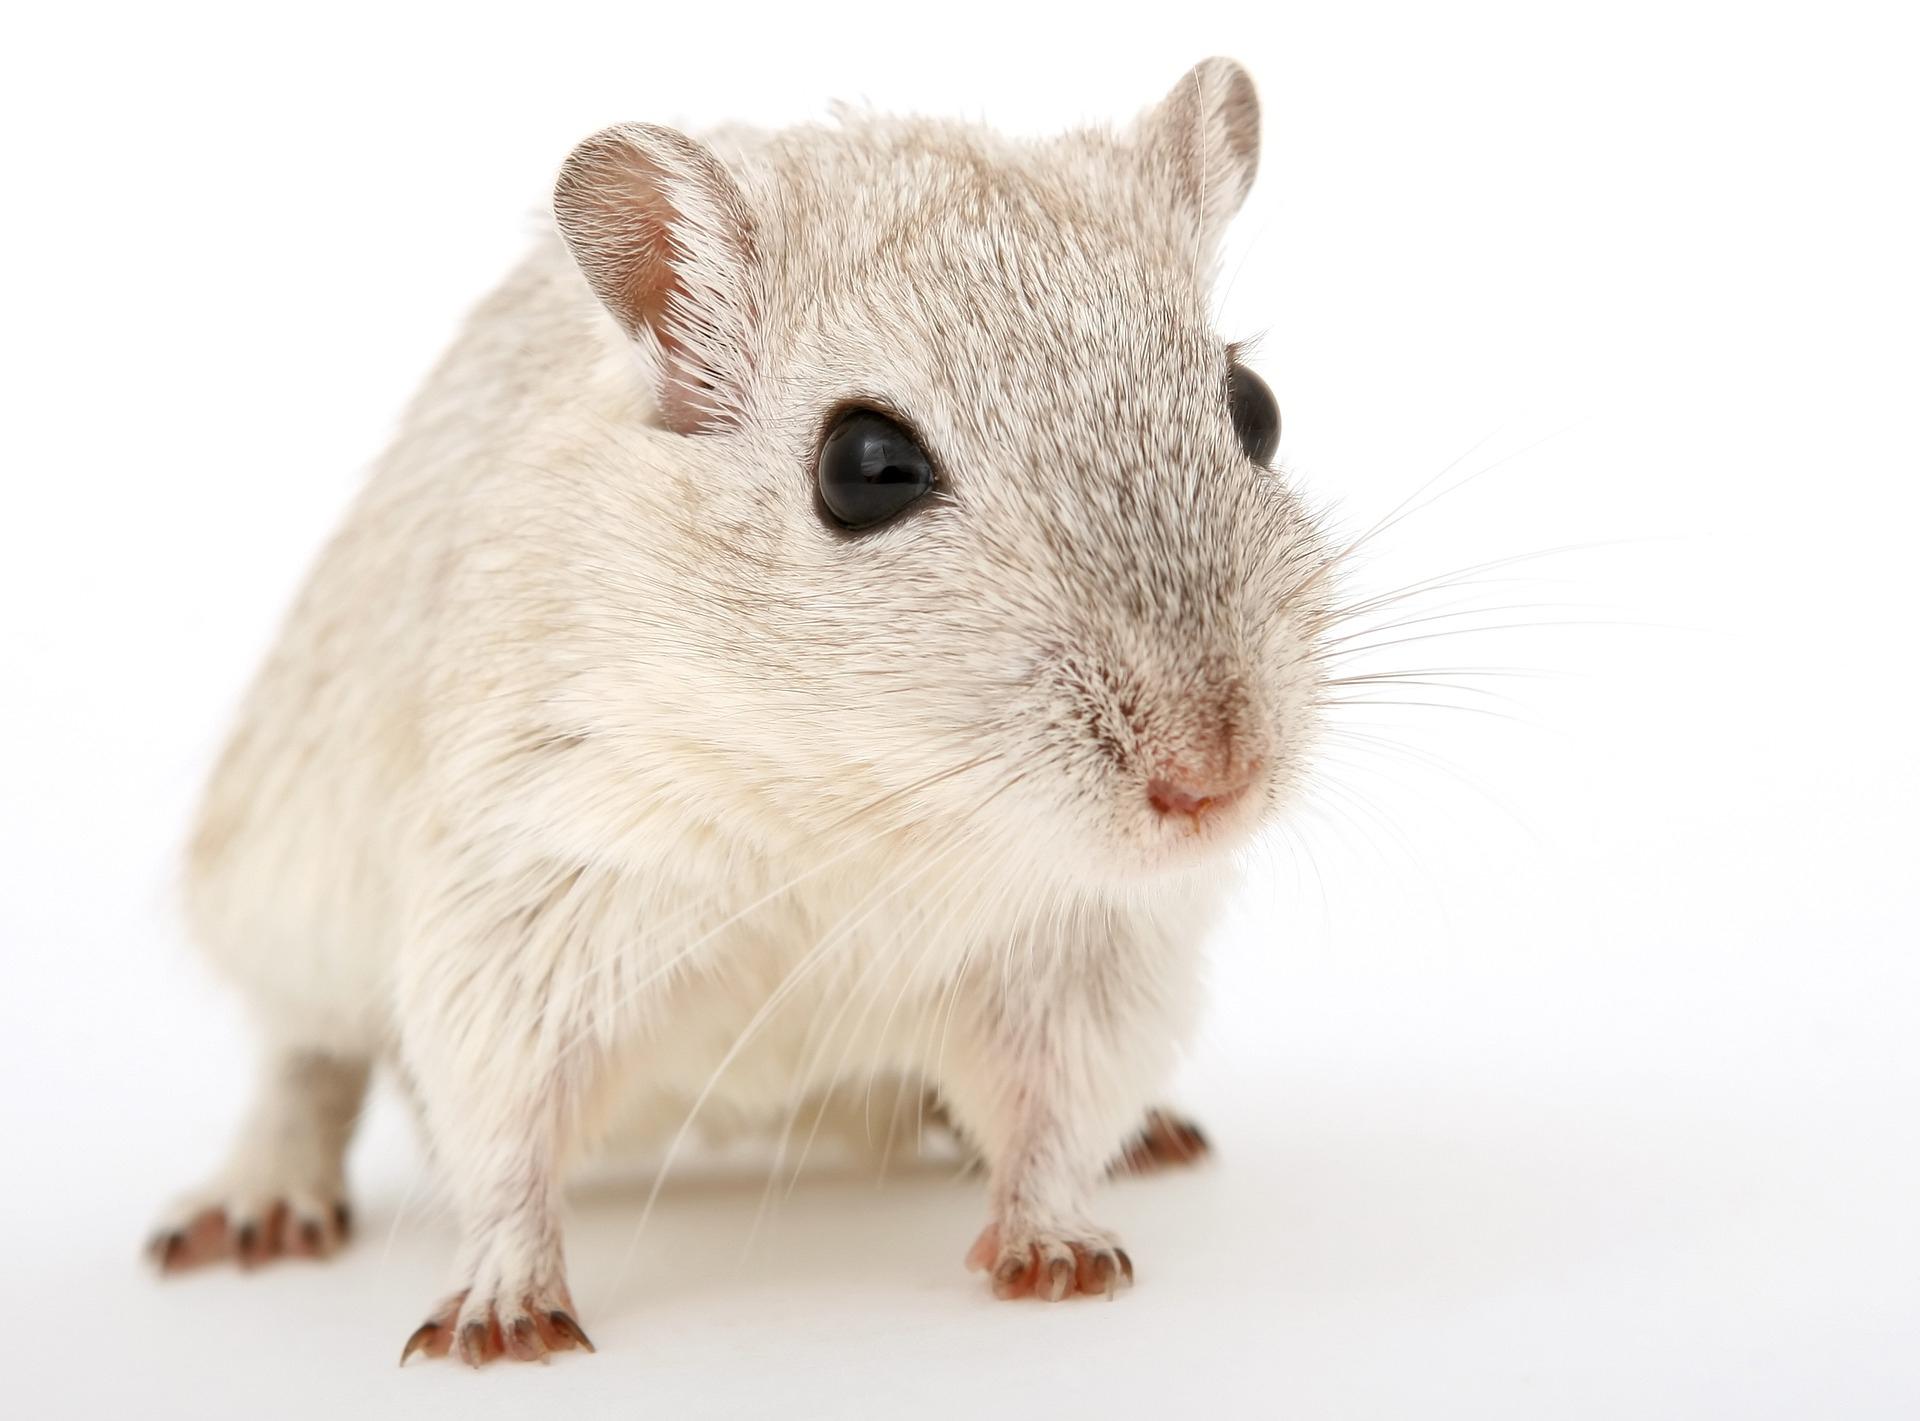 Animal-1238239_1920 - La Fondation Droit Animal, Ethique Et encequiconcerne Les Animaux Qui Hivernent